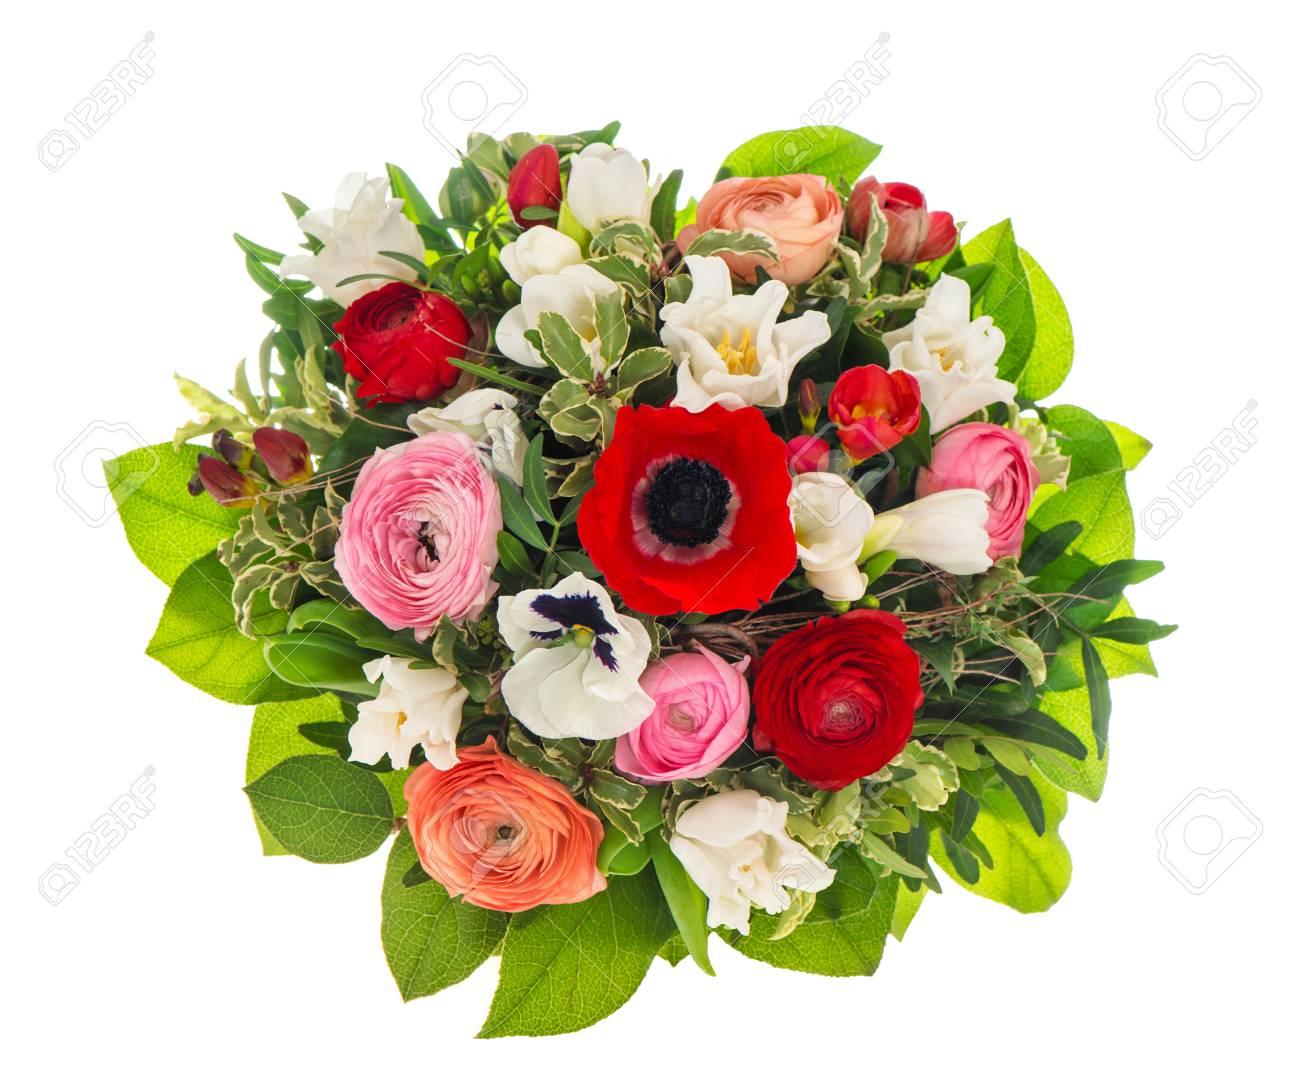 Bouquet De Fleurs De Printemps Pour Pâques Anniversaire Mariage Fête Des Mères Décoration De Vacances Colorée